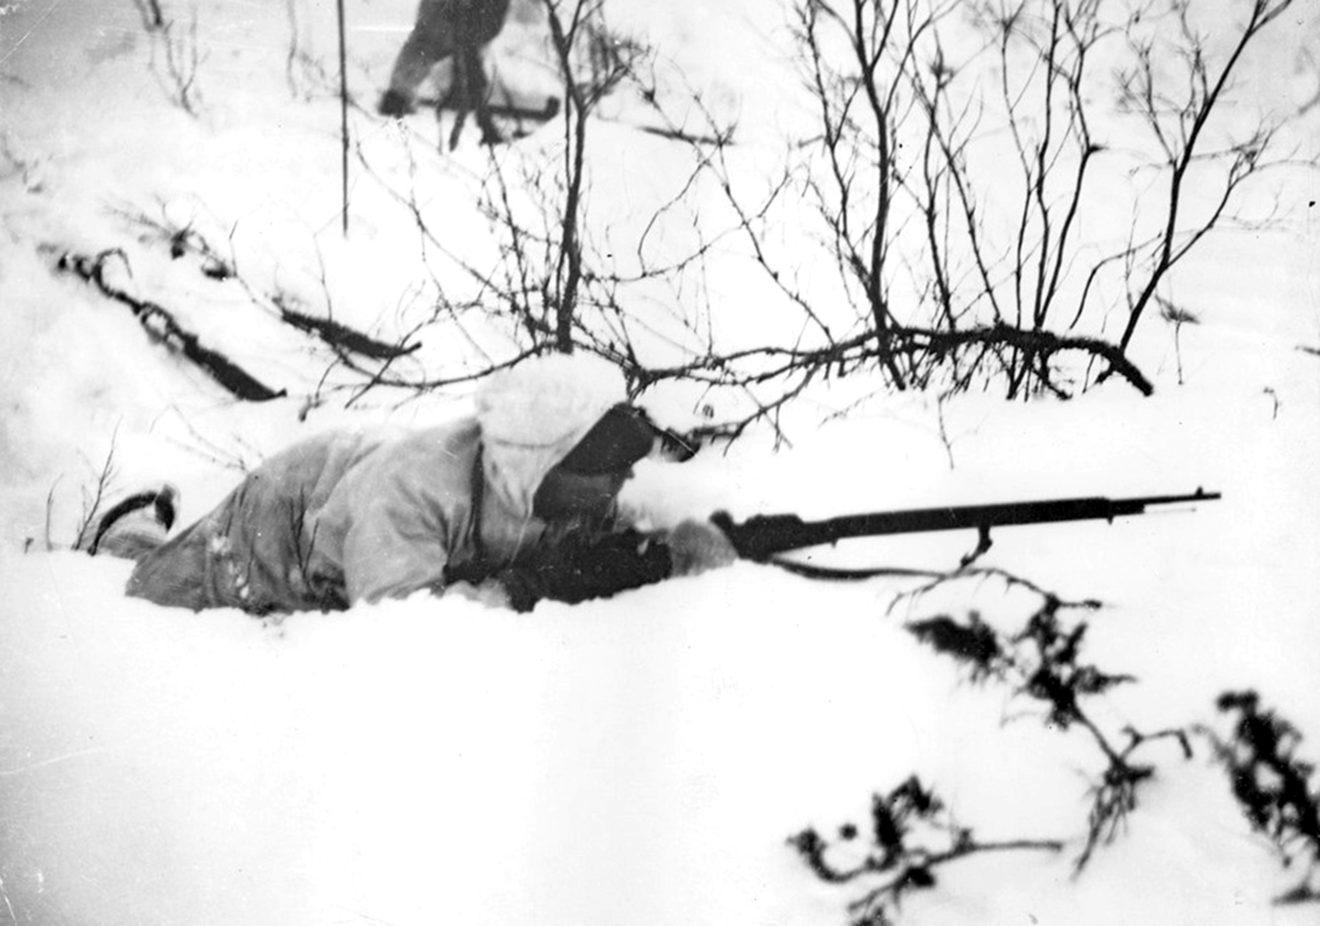 FinnishSniper-02-1320x926.jpg